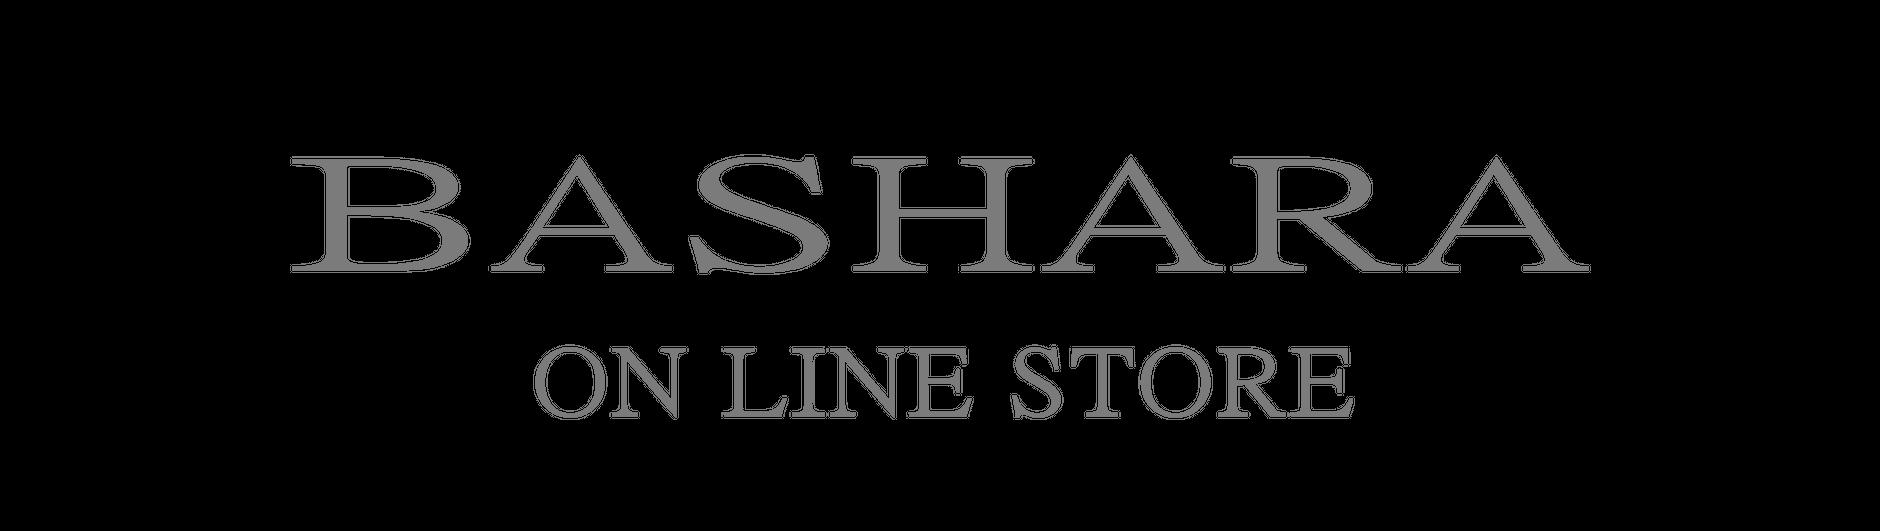 BASHARA ONLINE STORE